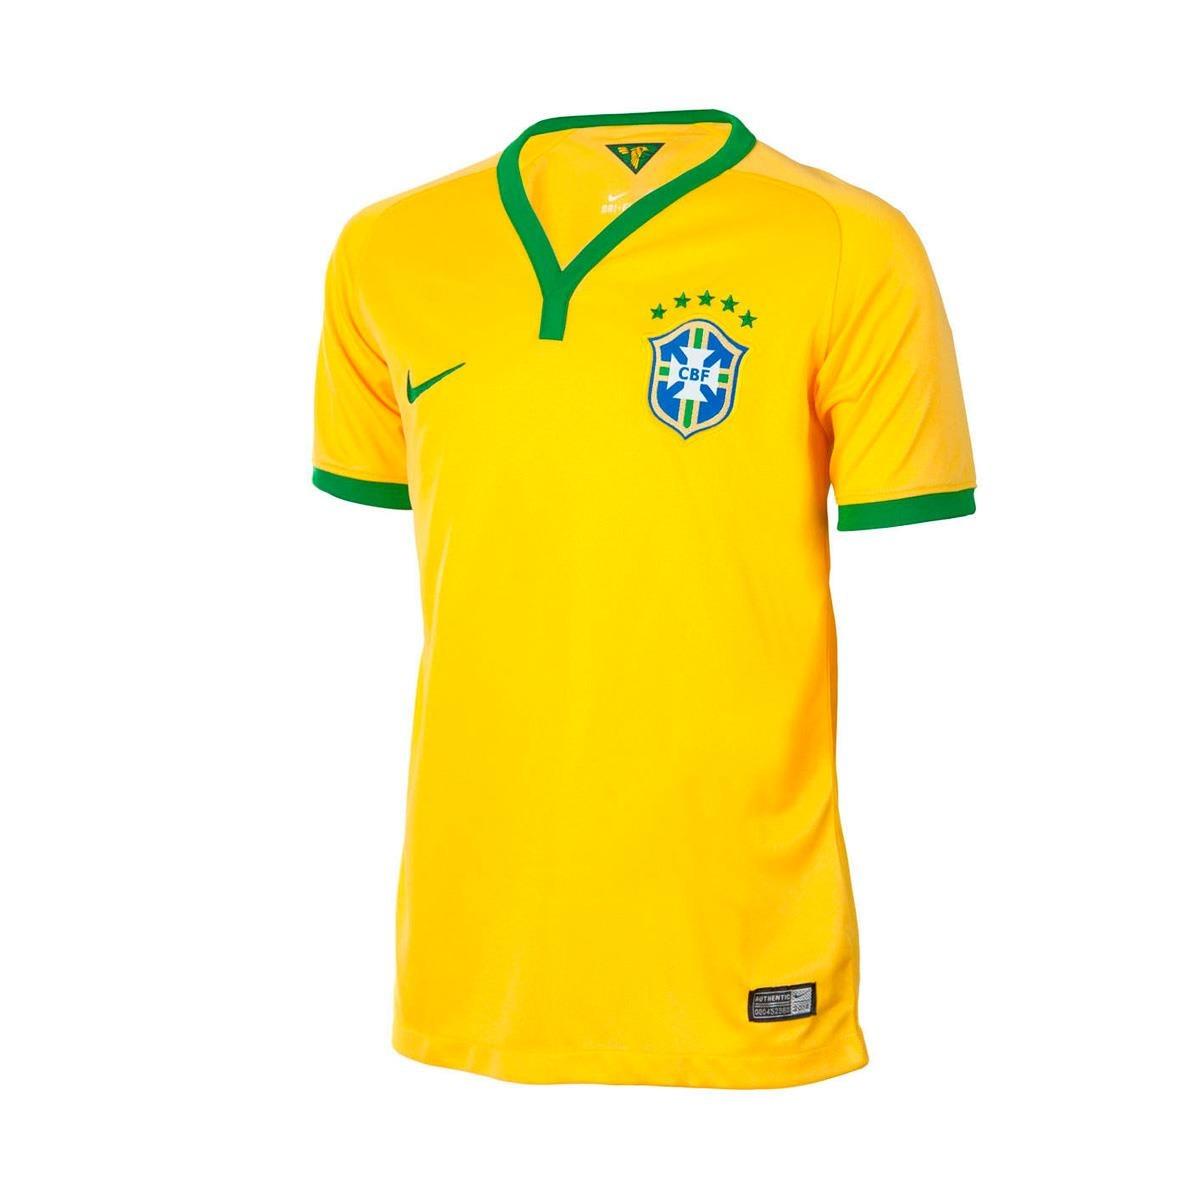 camisa oficial nike brasil cbf 2014 torcedor g. Carregando zoom. 17238b78a2320